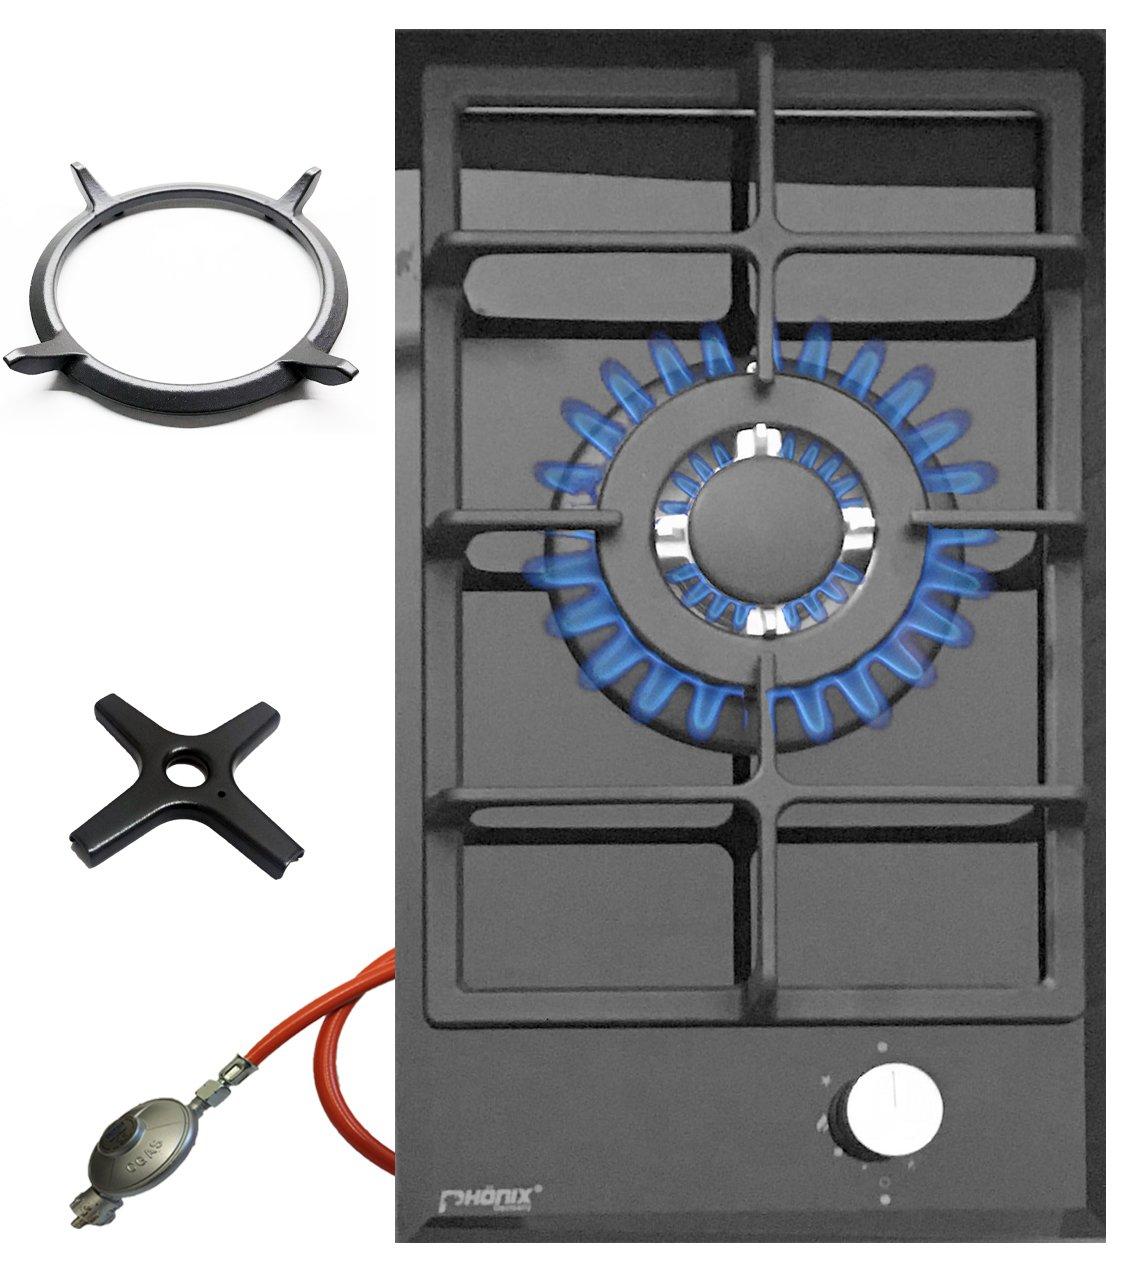 Phönix 101GBT, piano cottura a gas in vetro, 1fuoco Wok, adattatore Wok in ghisa e croce fornello a gas Phönix Germany